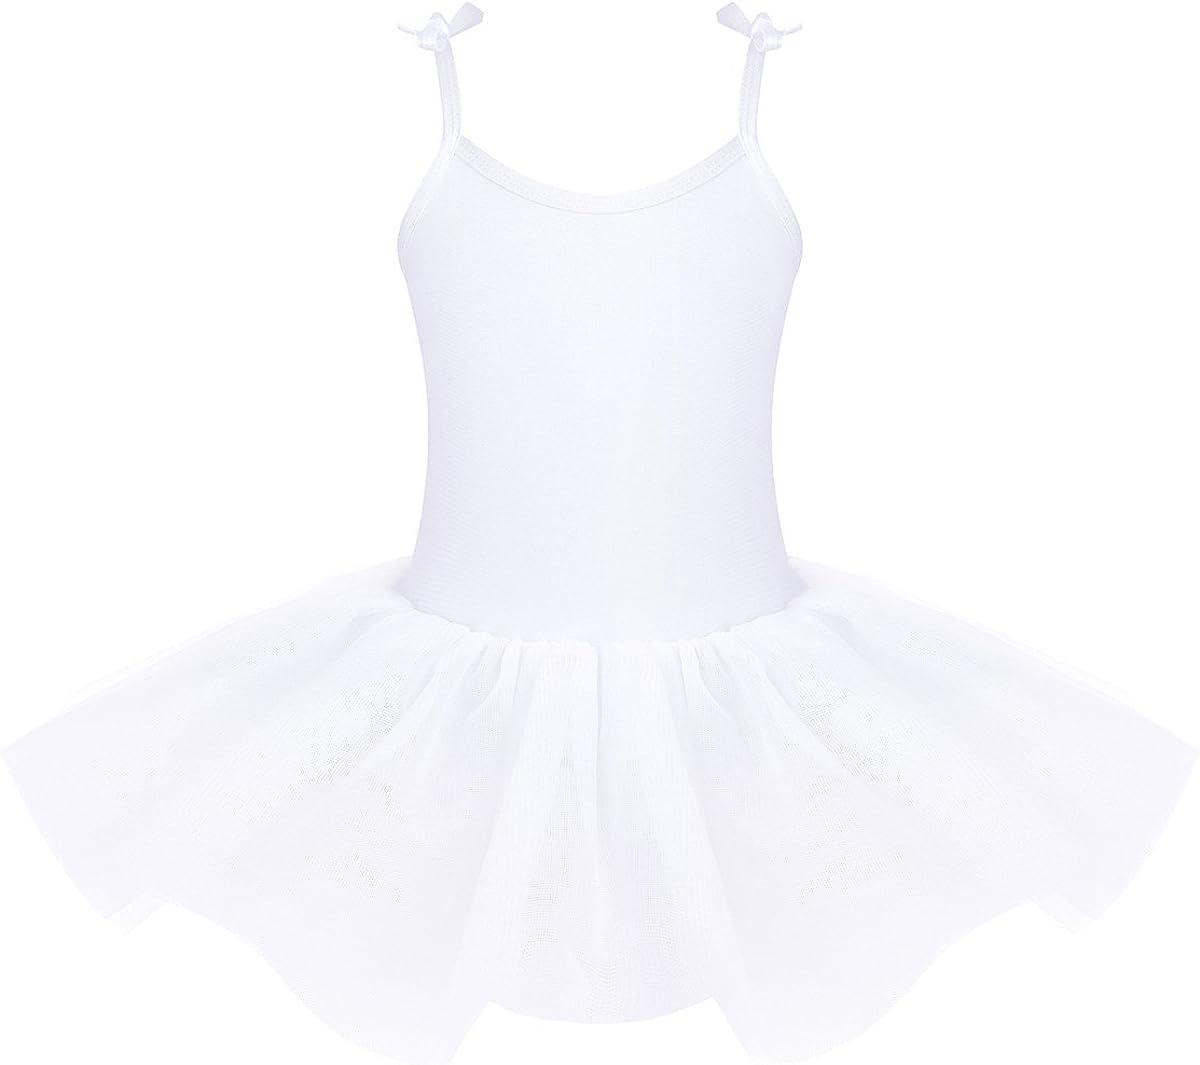 iiniim Petit Enfant Justaucorps de Ballet Gym Danse Classique L/éotard Tutu Fille Robe /à Bretelles Princesse Plage Mariage Bal Performance Lacets Uni Moulant /Ét/é 4-12 Ans